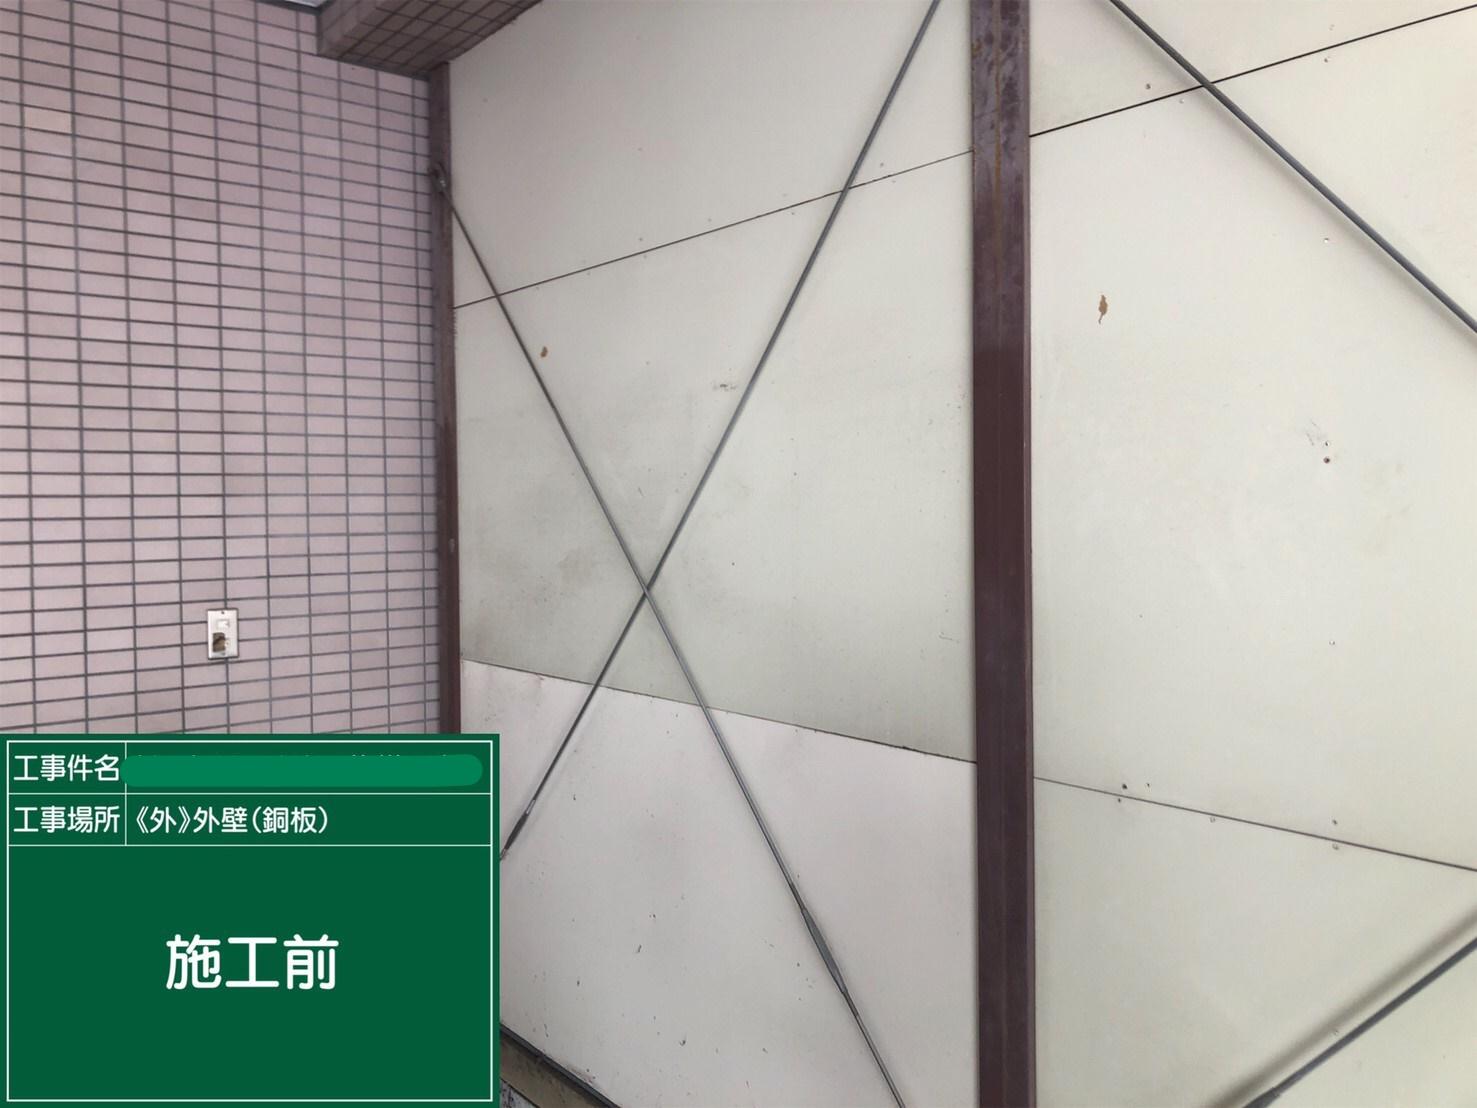 【外壁銅板】①施工前